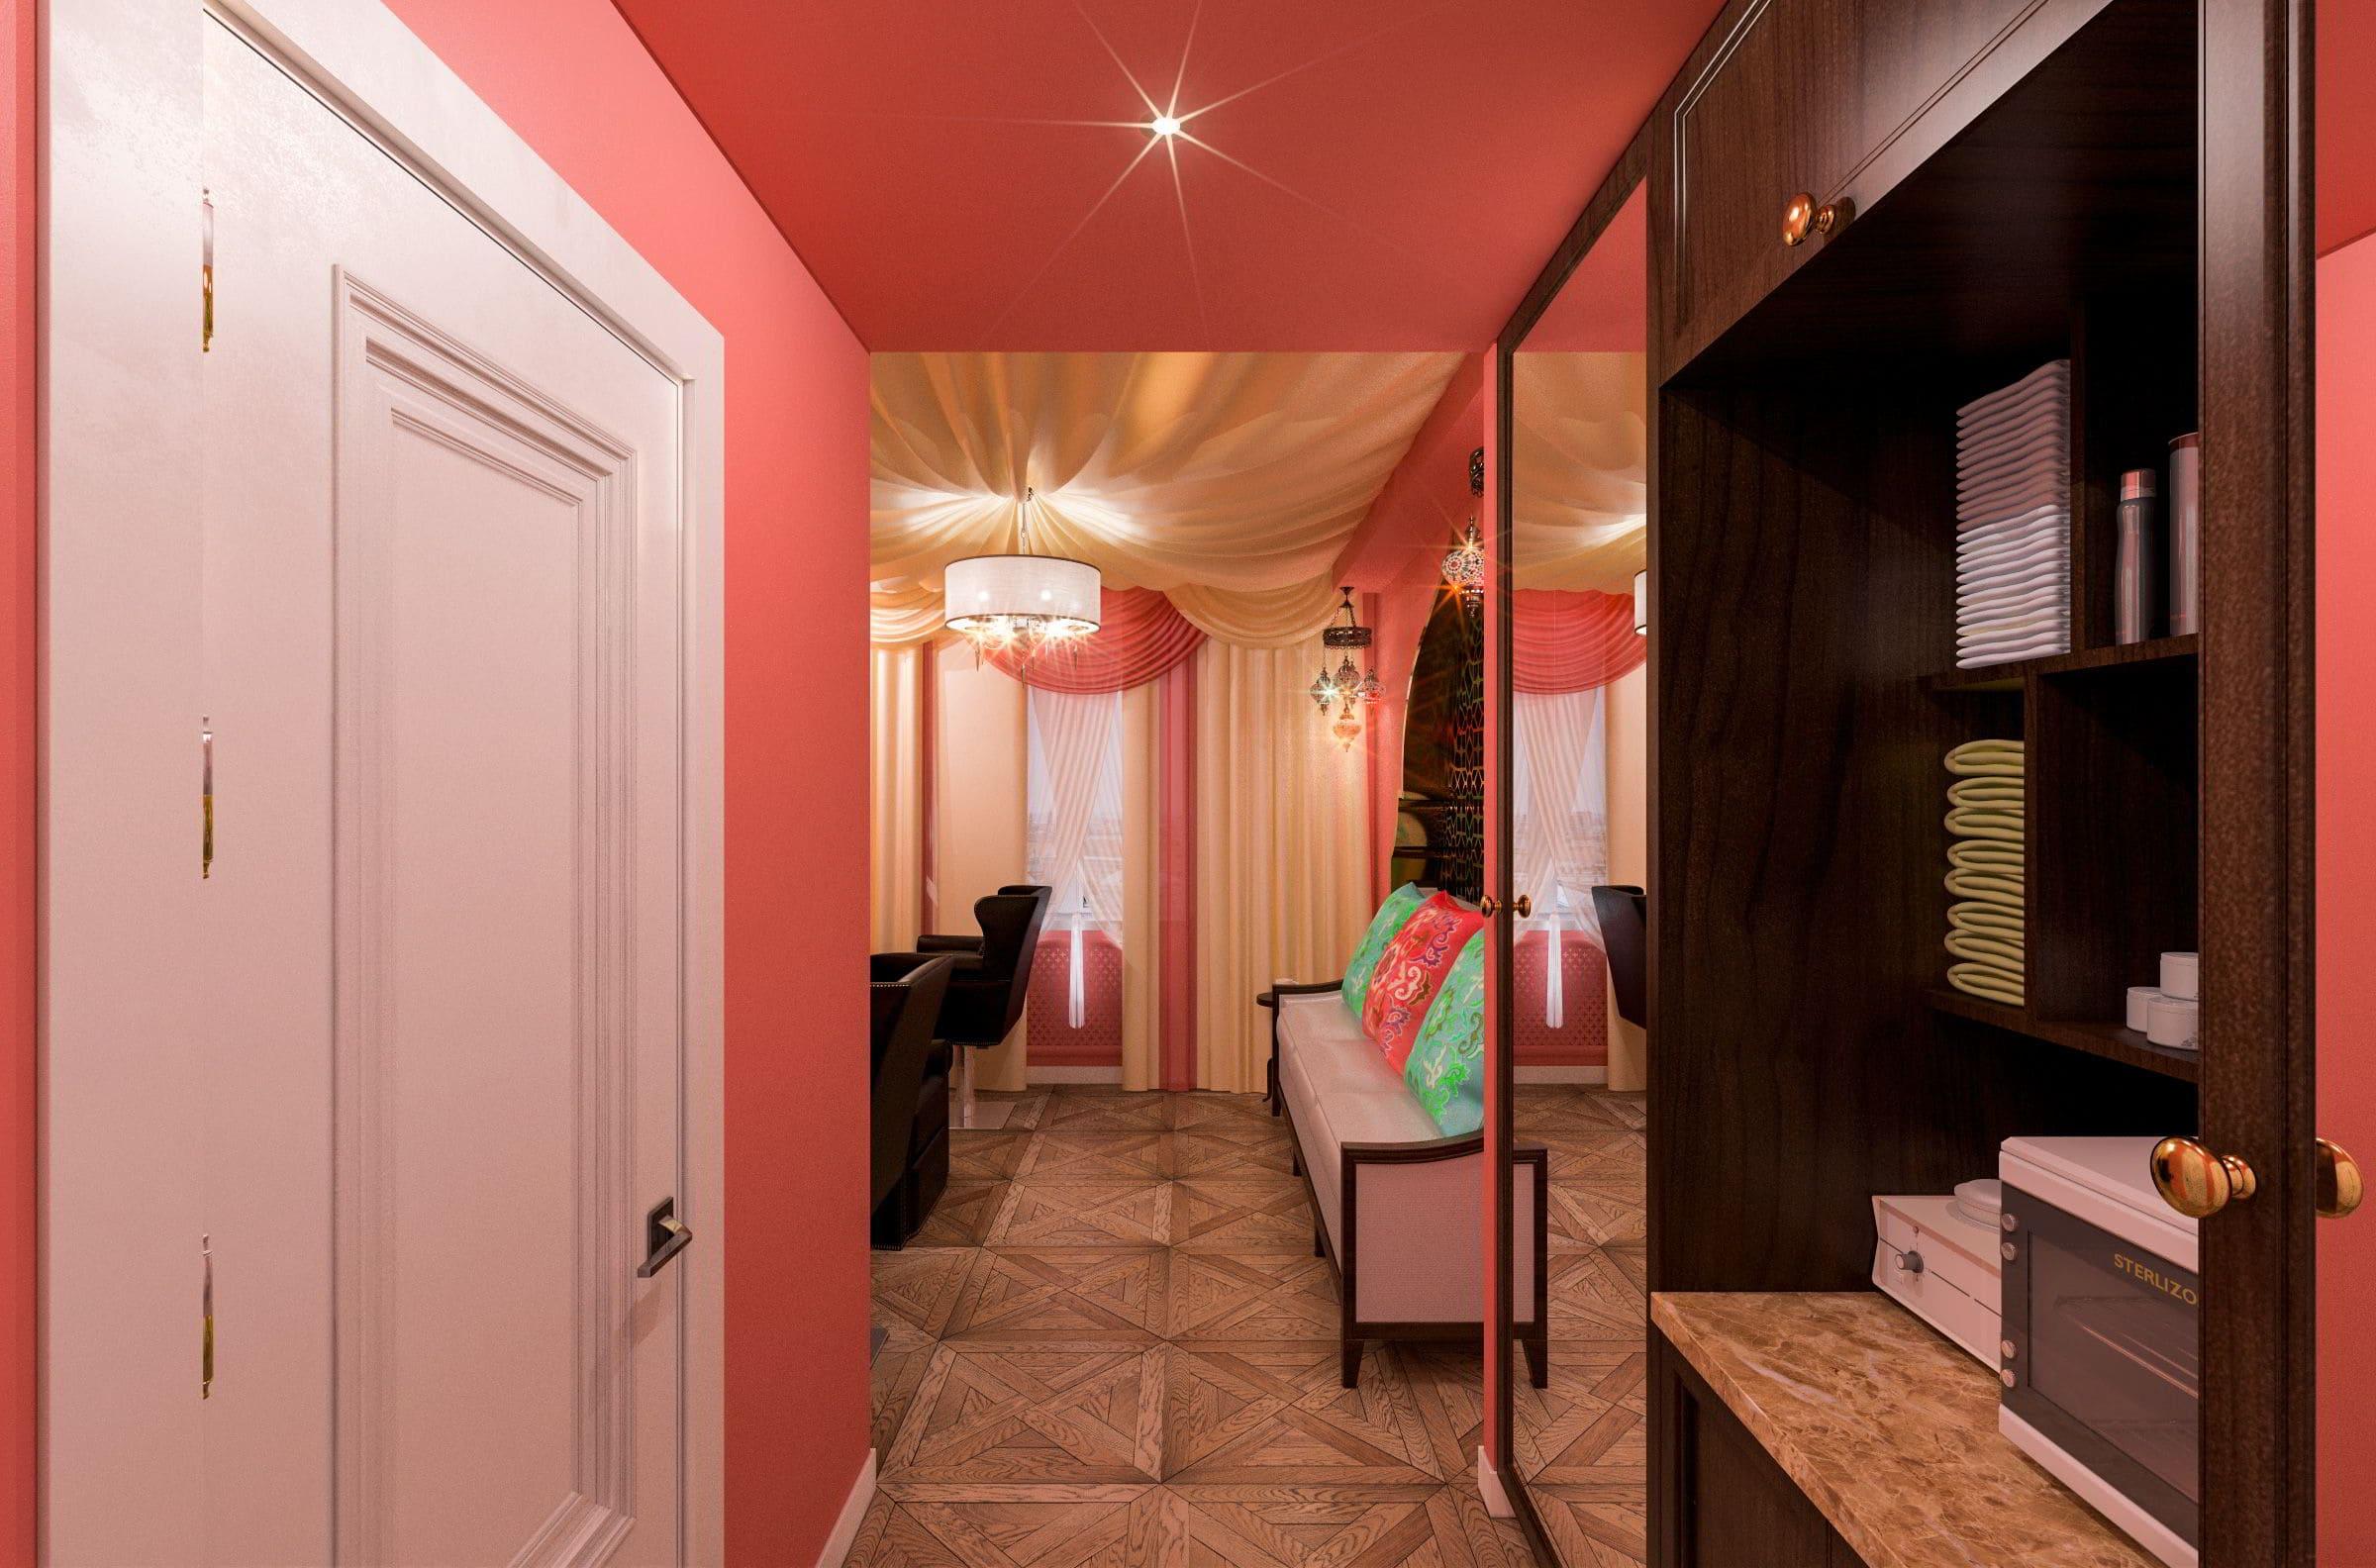 дизайн интерьера парикмахерской в турецком стиле фото, зеркала, мойка, кресла, паркет, потолок из ткани 6